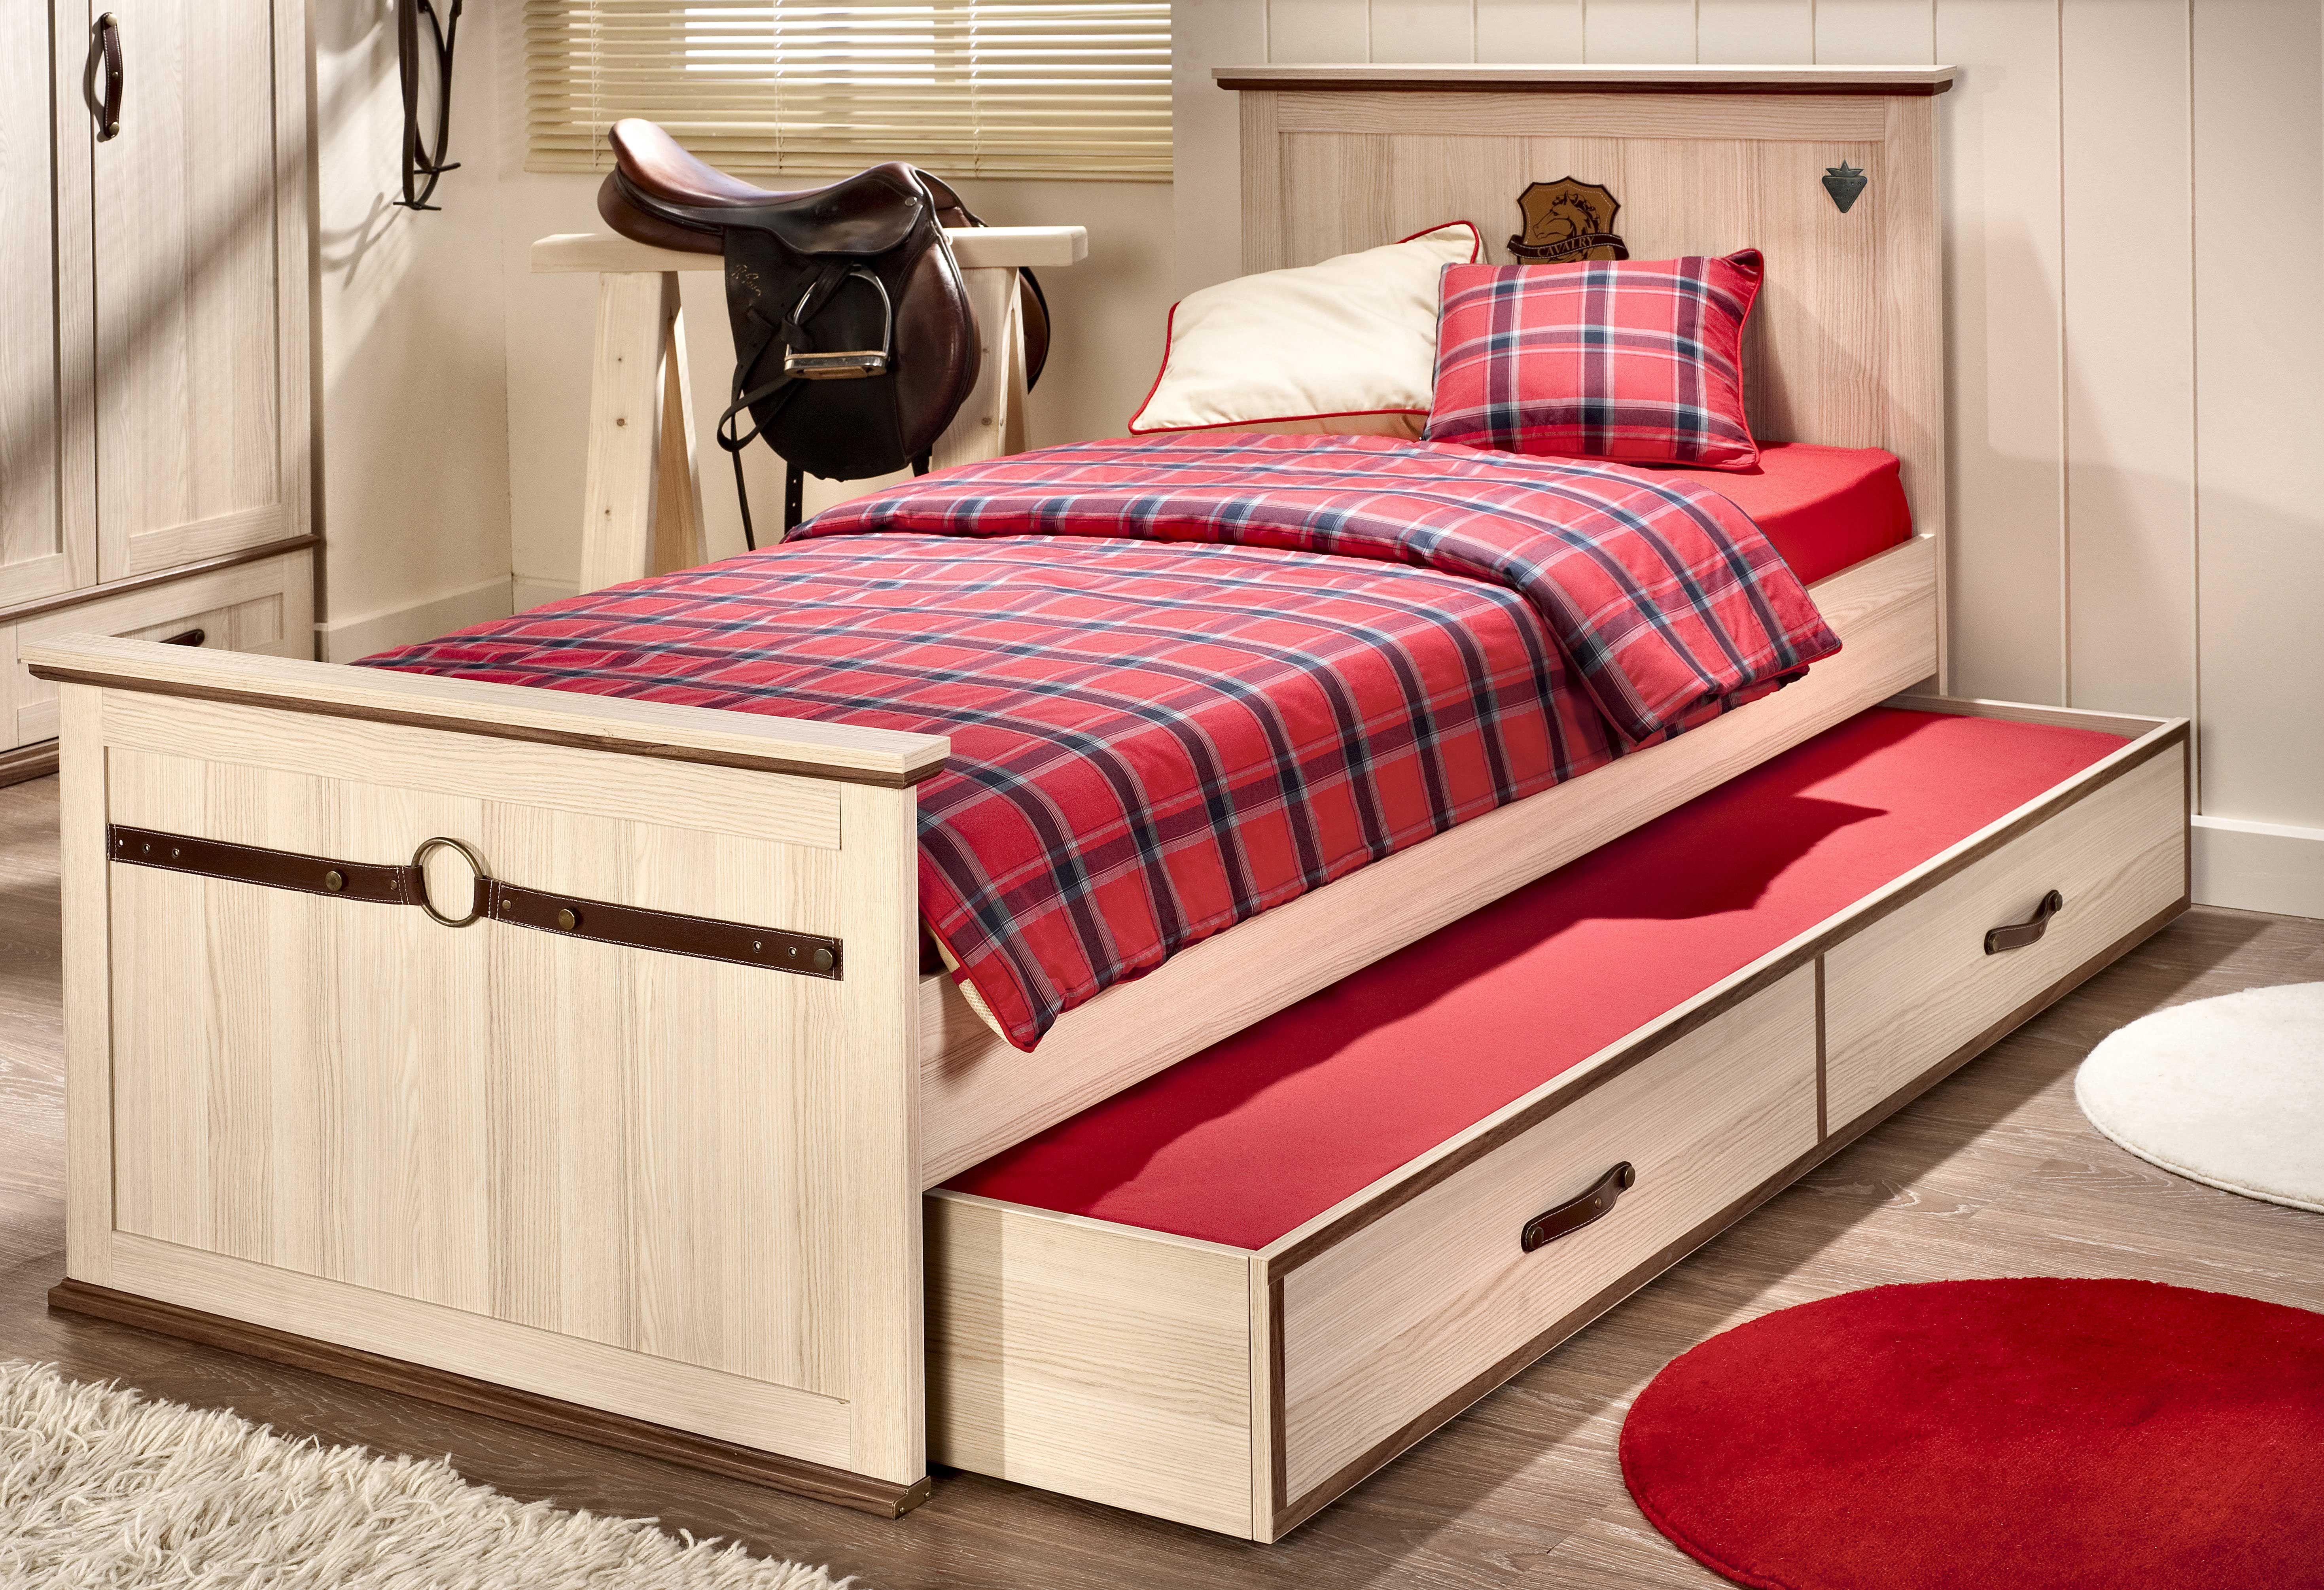 Cilek Royal L Bett Mit Zusatzbett Mit Bildern Kinderzimmer